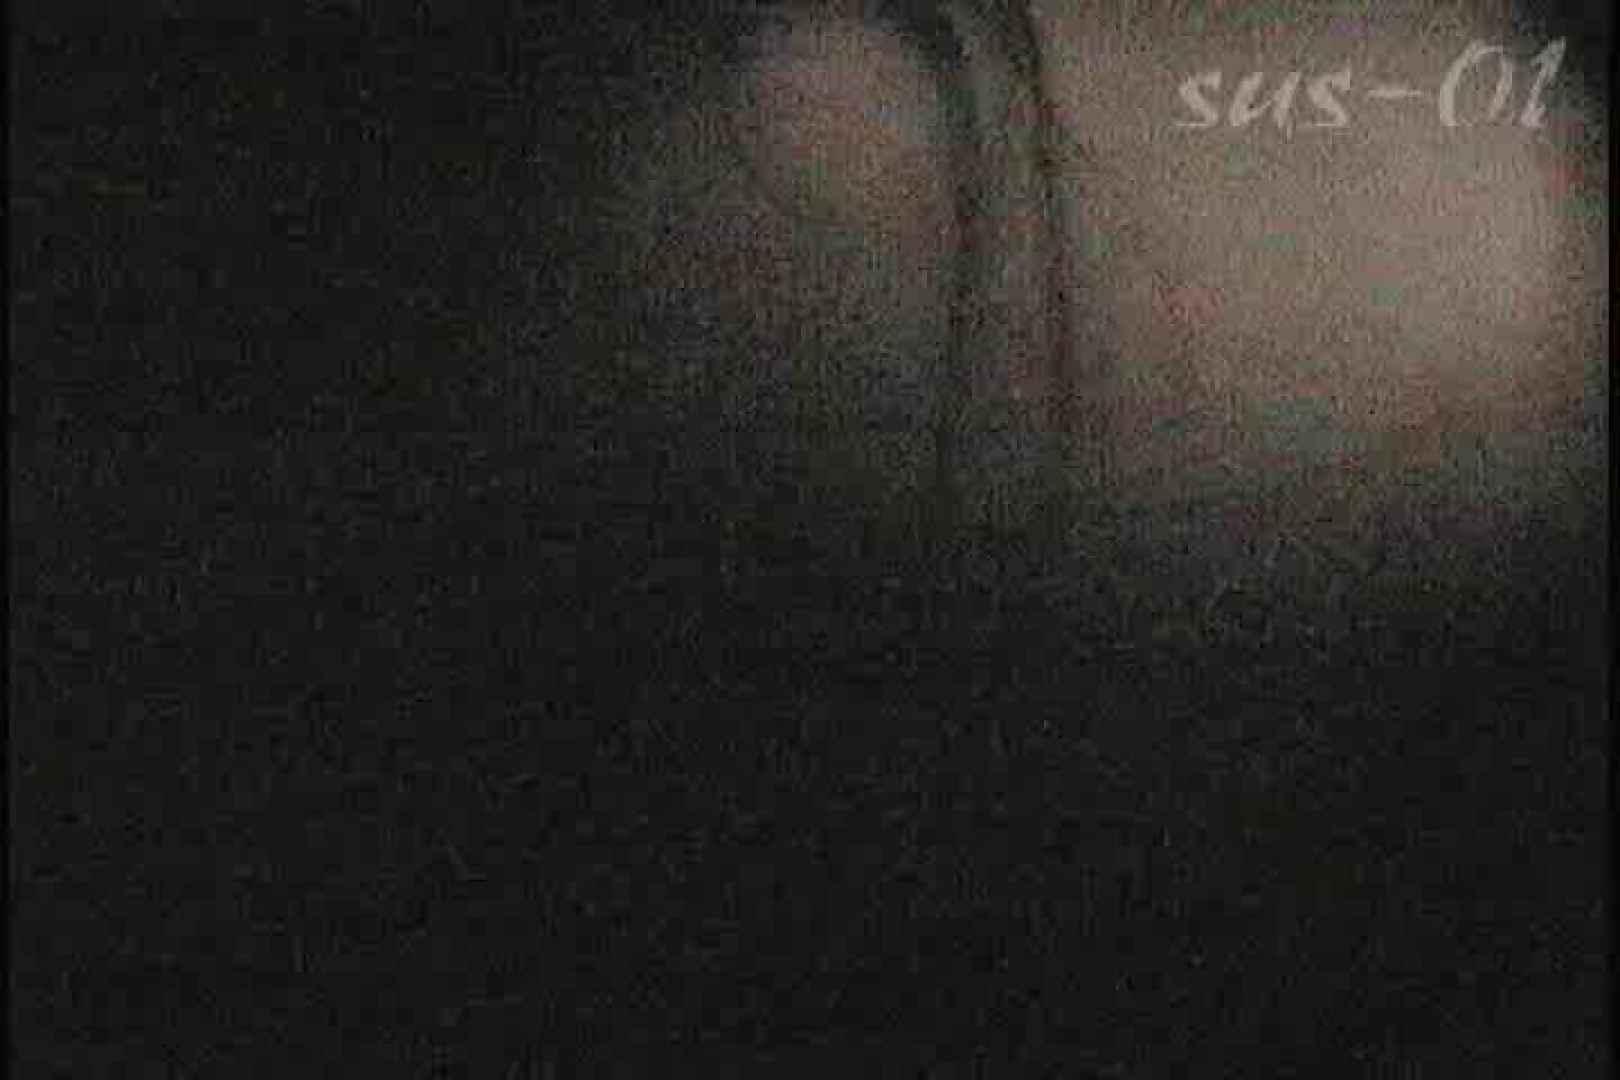 サターンさんのウル技炸裂!!夏乙女★海の家シャワー室絵巻 Vol.01 シャワー  92PIX 71